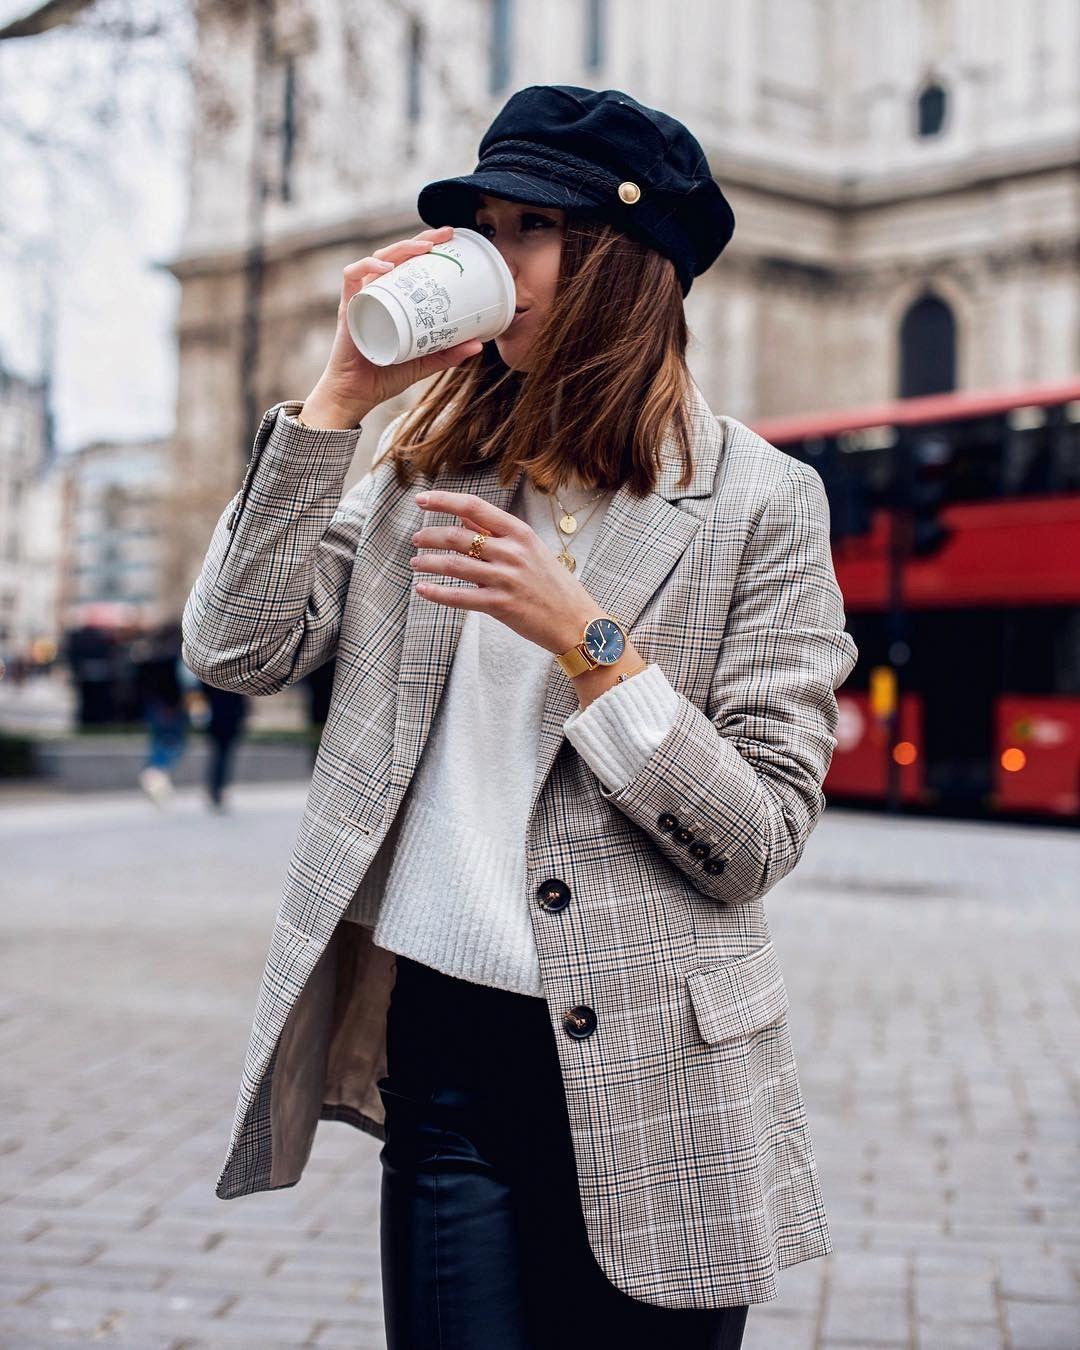 Jacken und Mäntel für den Frühling 2019: Das sind die Must